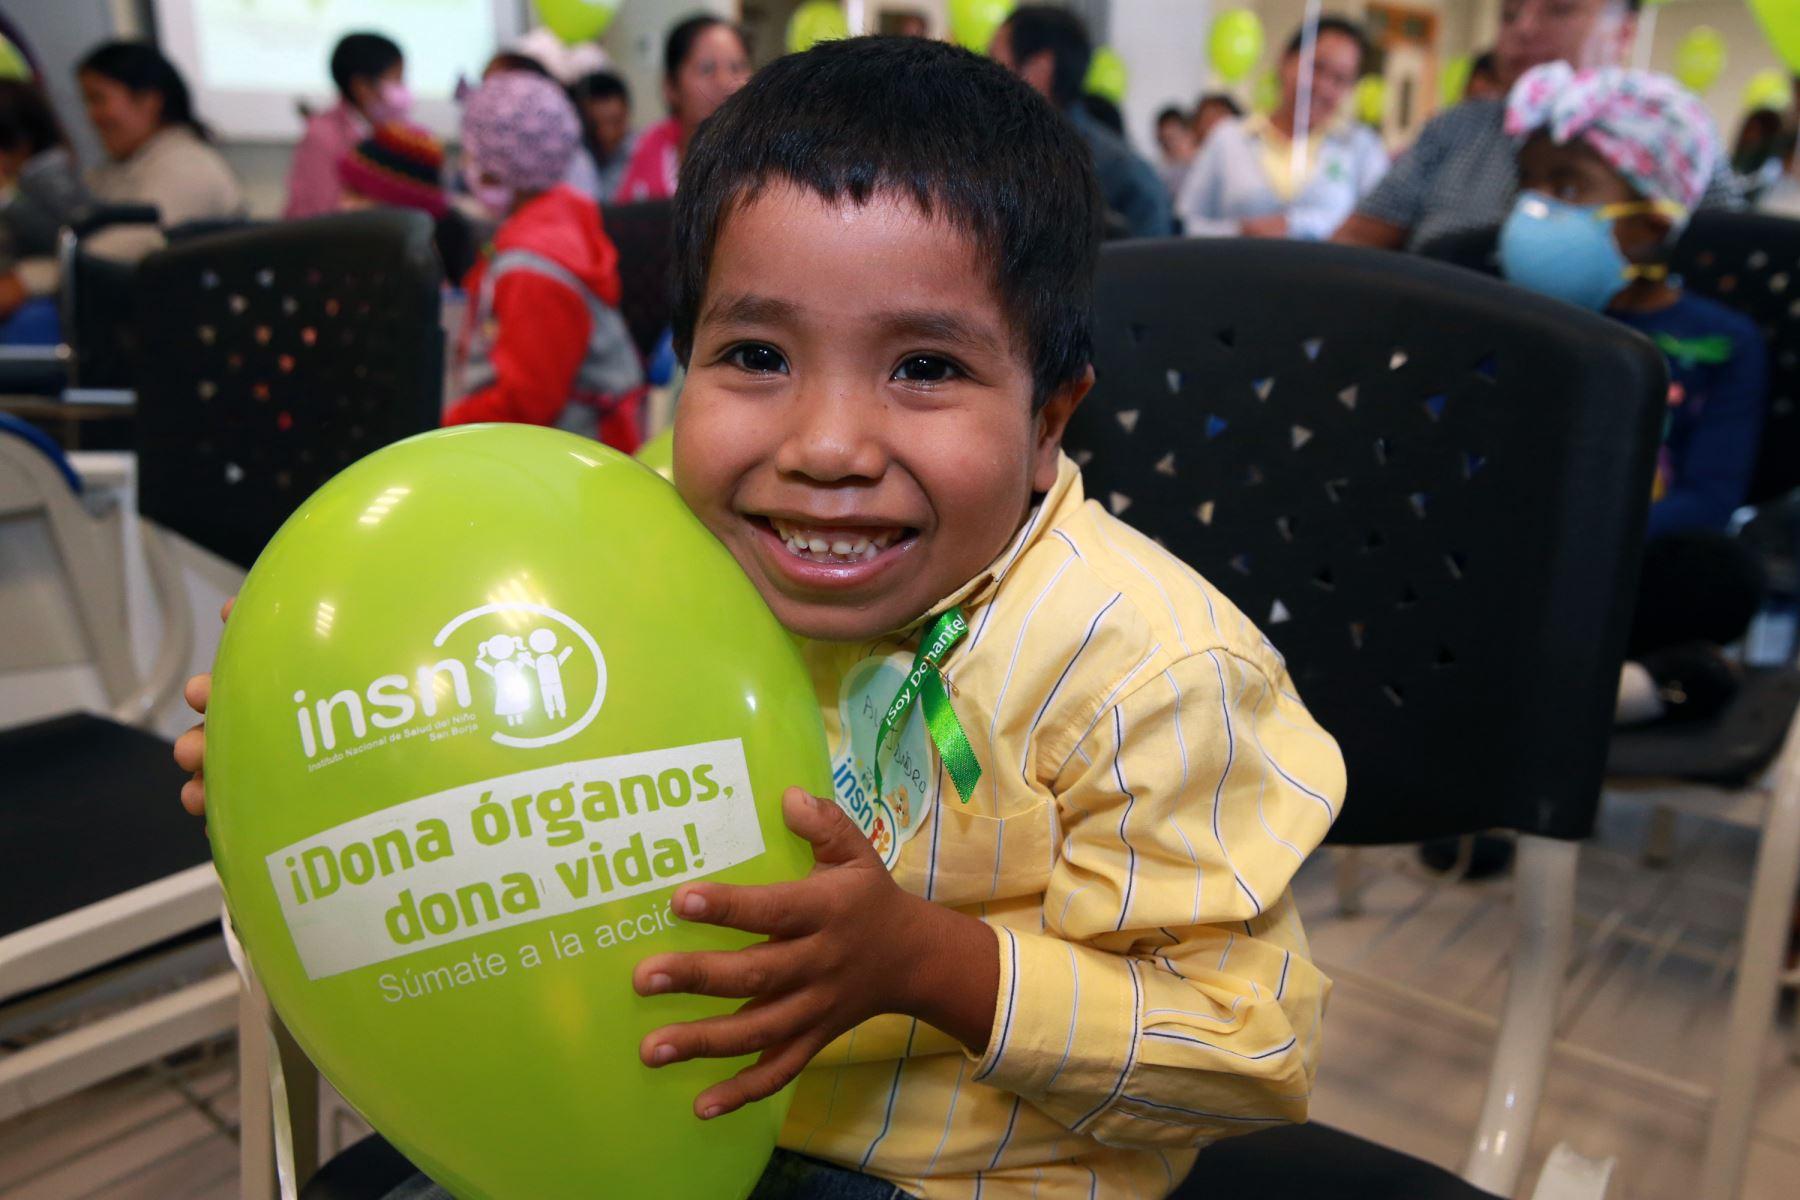 Próximamente se implementará el transplante hepático en el Perú para que los niños no viajen al extranjero .Foto: ANDINA/Norman Córdova